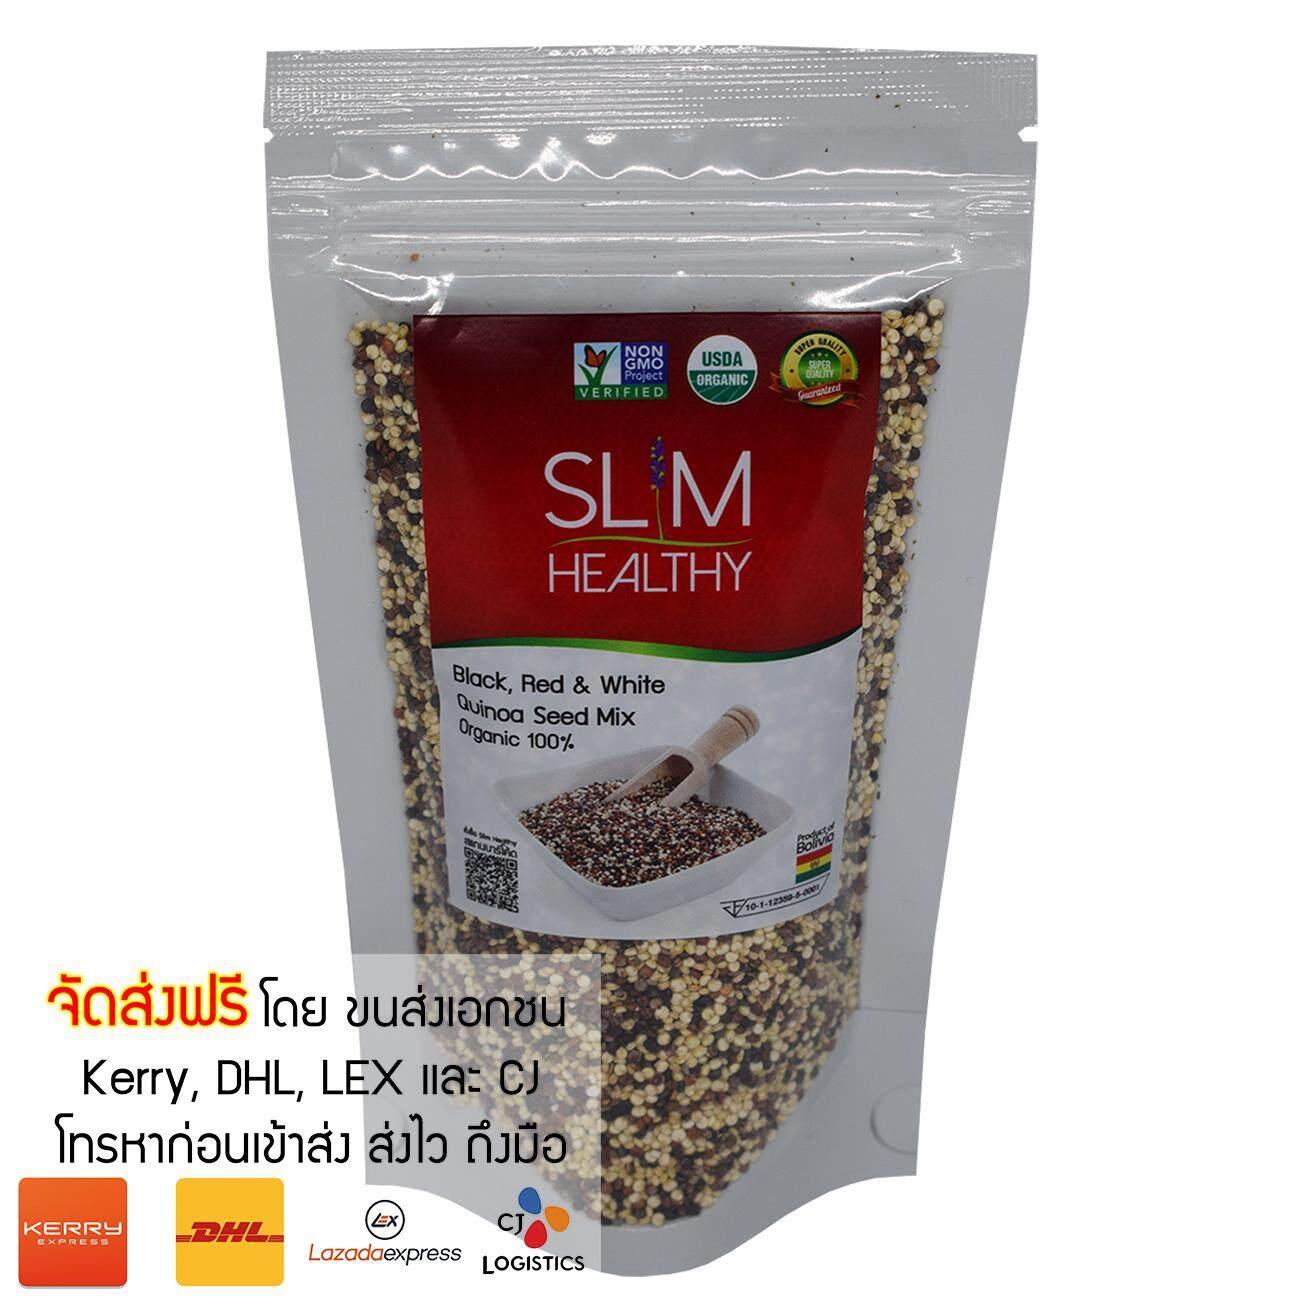 ควินัว 3 สี 200 กรัม คีนัว คินัว ควีนัว ออร์แกนิค Slim Healthy Quinoa Seed Mix Organic มาตรฐาน อย. และ Usda จาก ประเทศ สหรัฐอเมริกา.